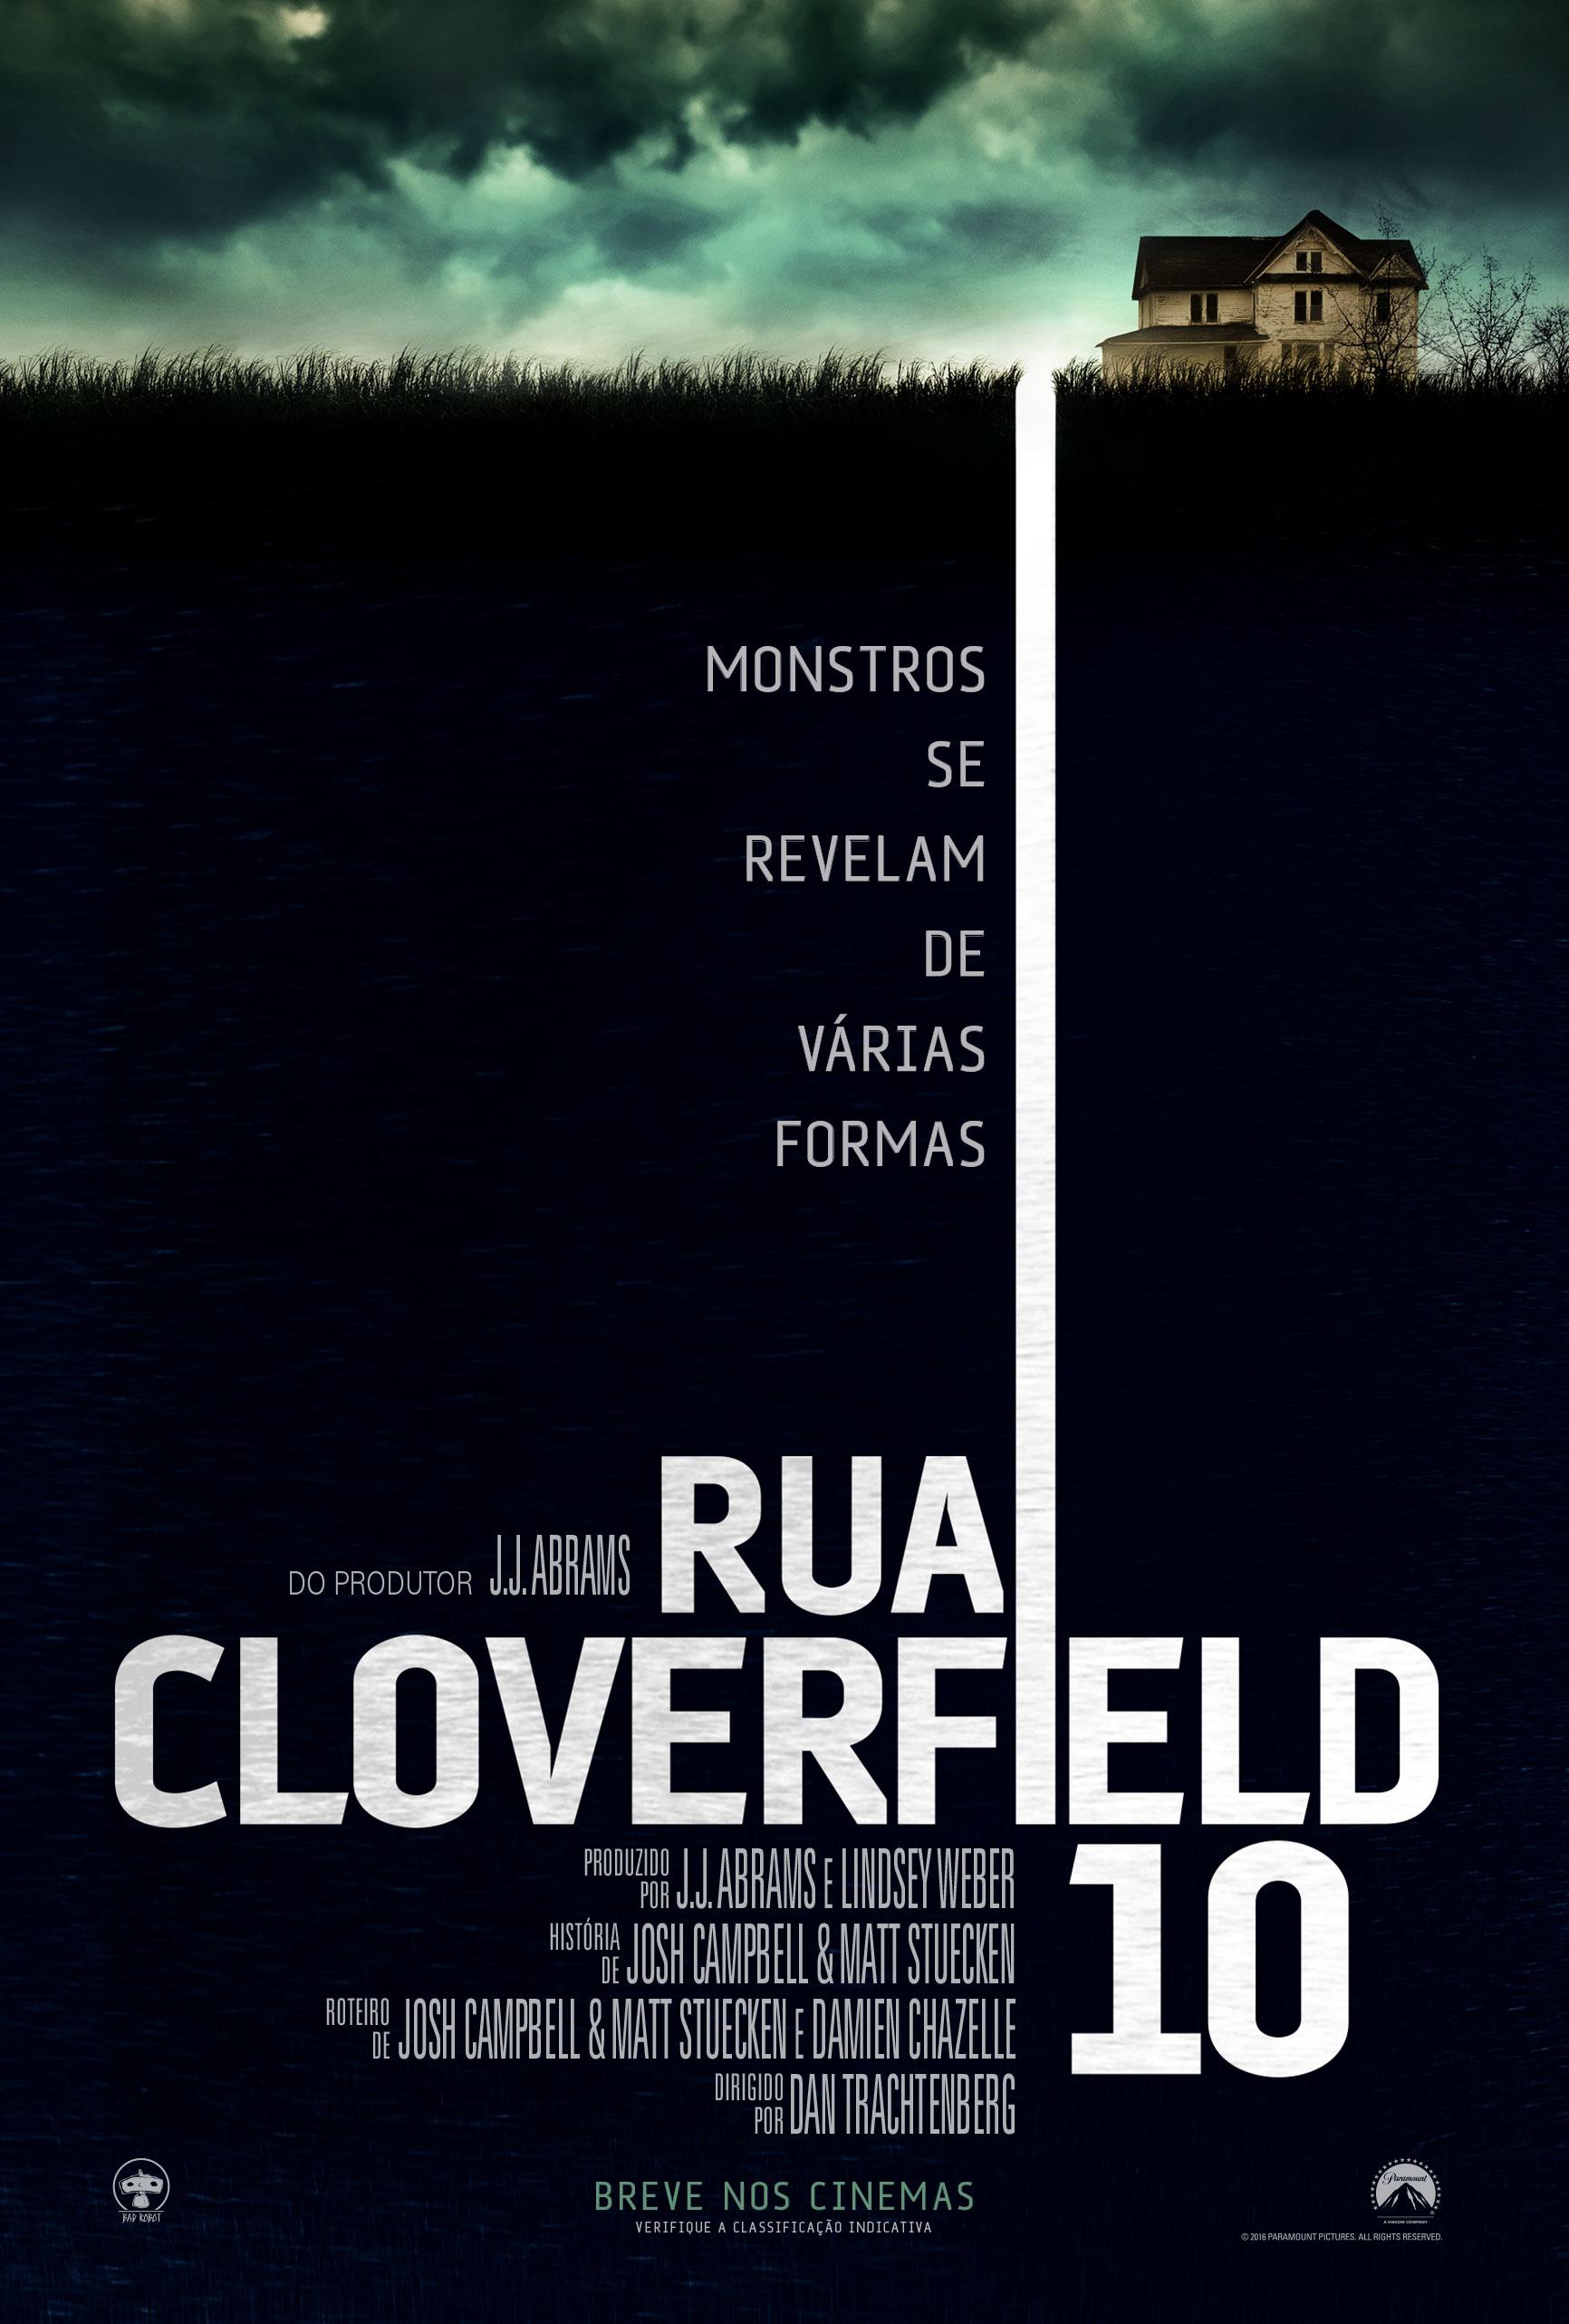 Rua_Cloverfield_10_cartaz Crítica: Rua Cloverfield, 10 (10 Cloverfield Lane)